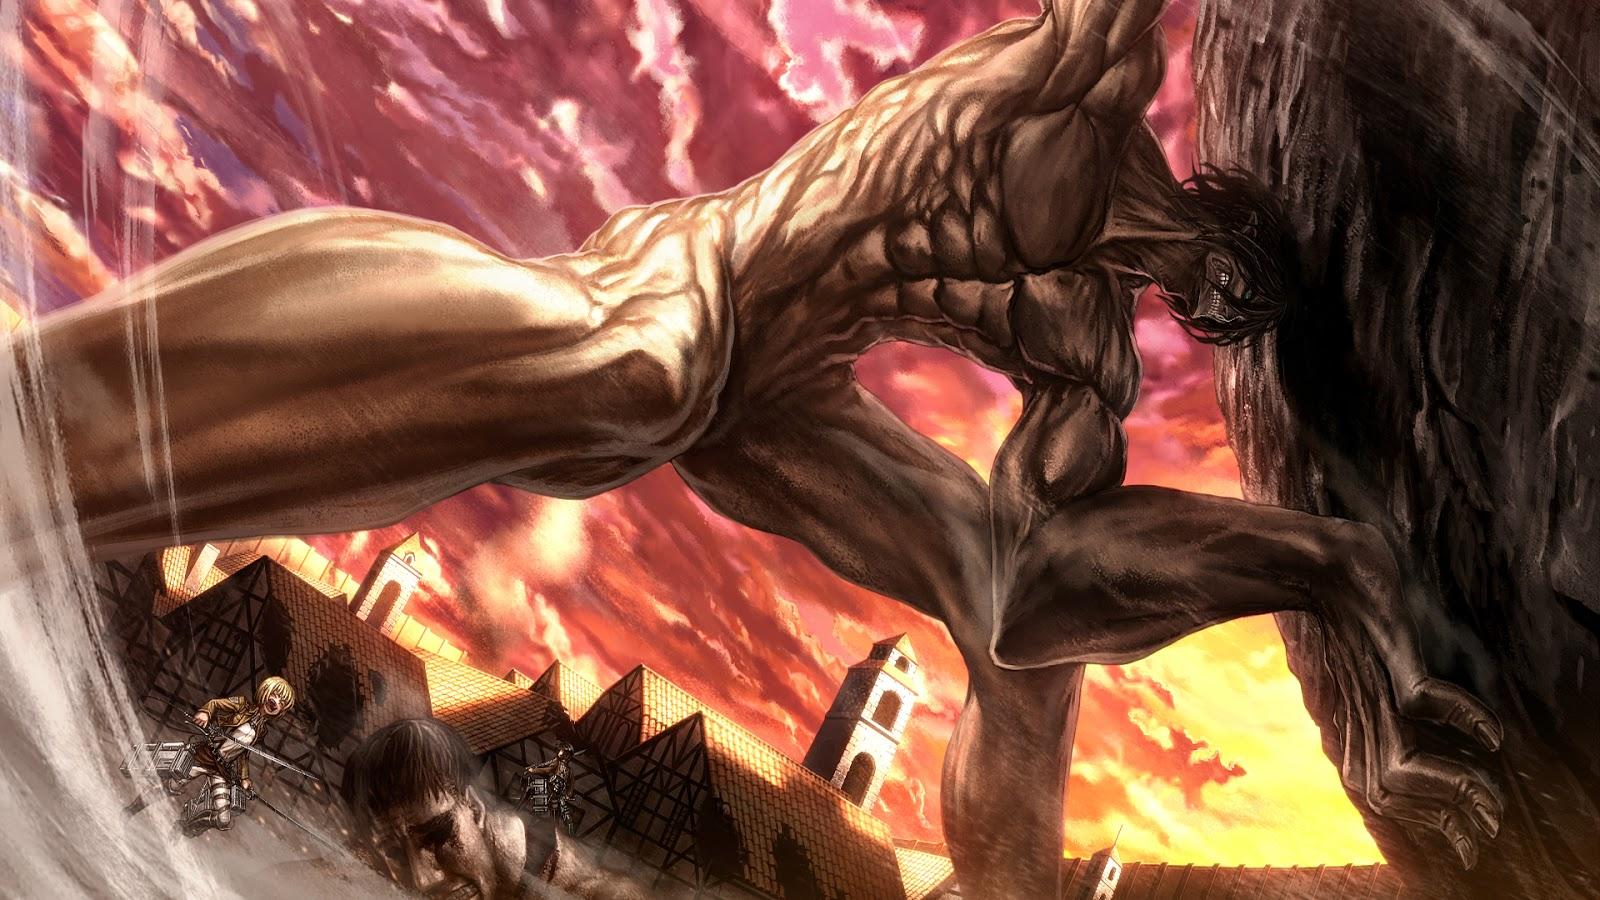 hd wallpaper: Epic Eren Titan Form Shingeki no Kyojin a111